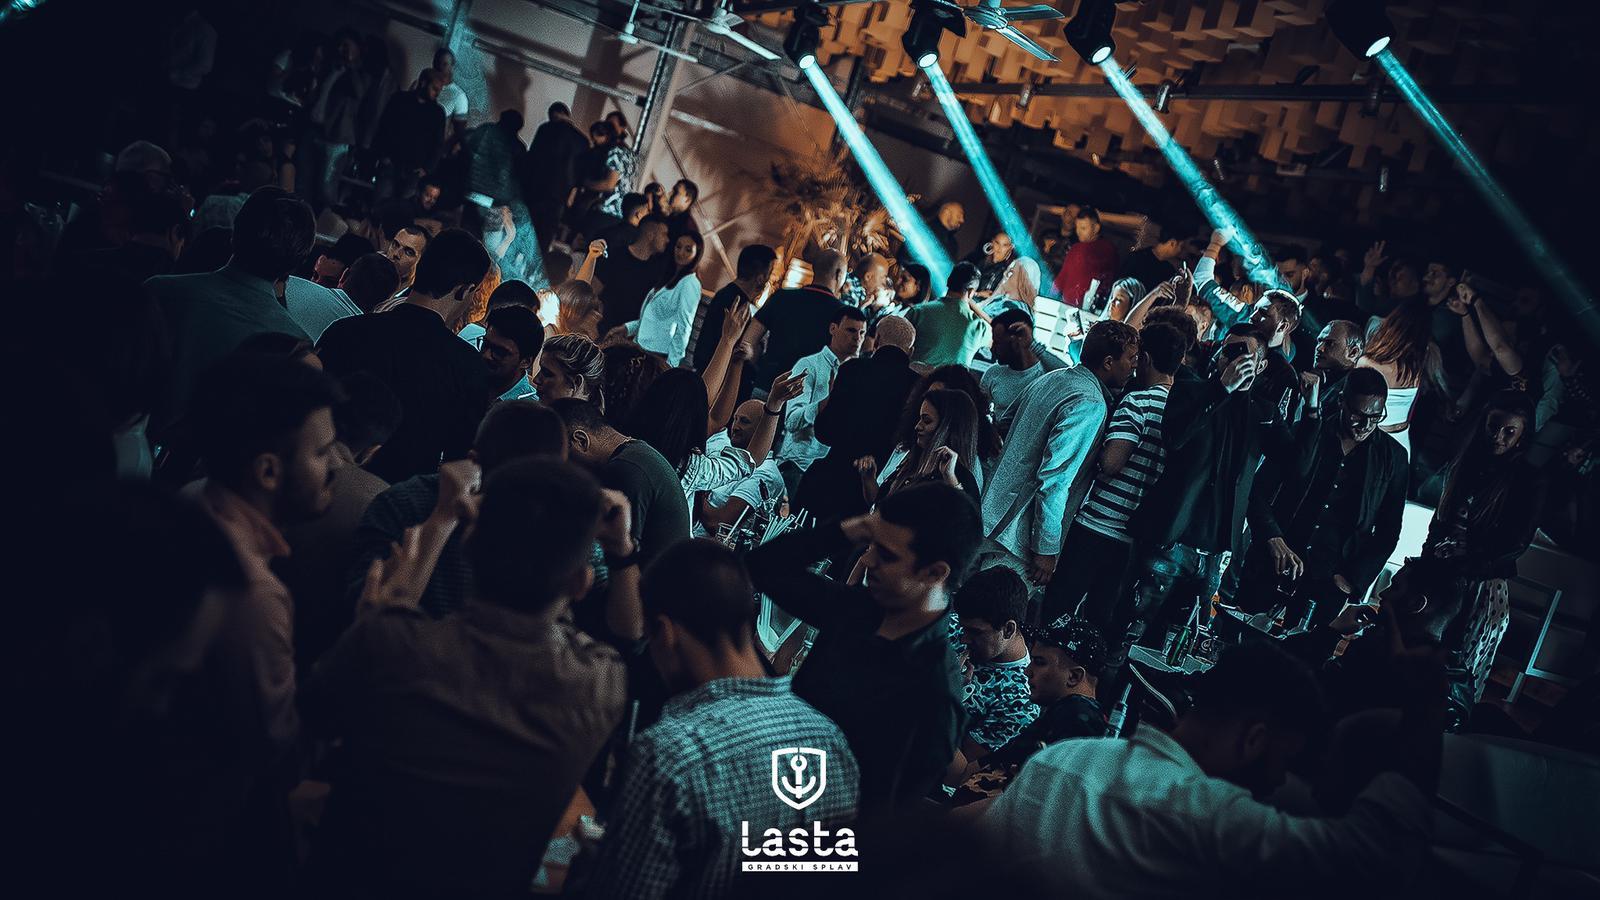 Lasta Belgrade